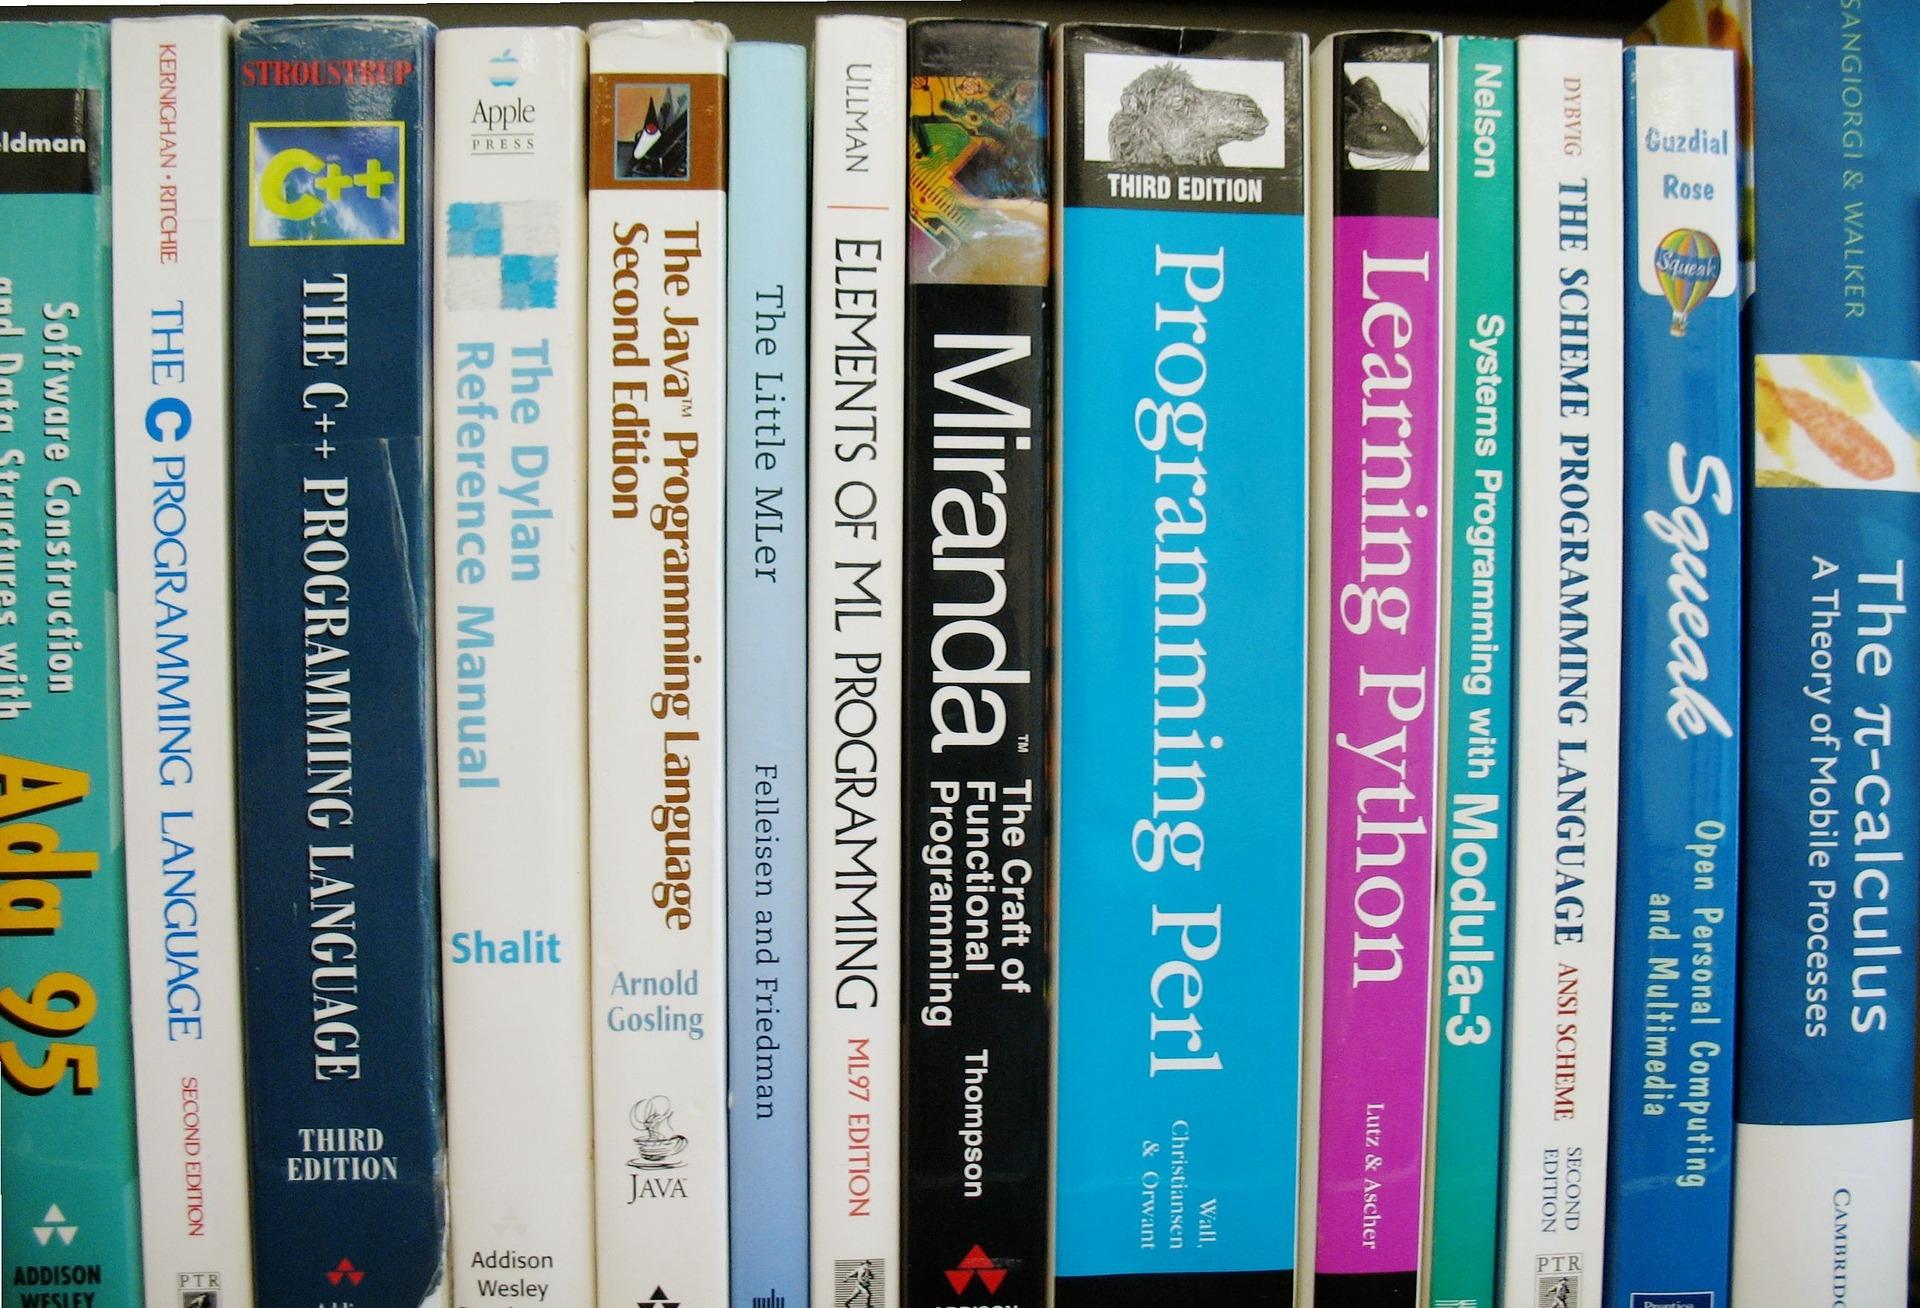 프로그래밍 언어에 관련된 지식